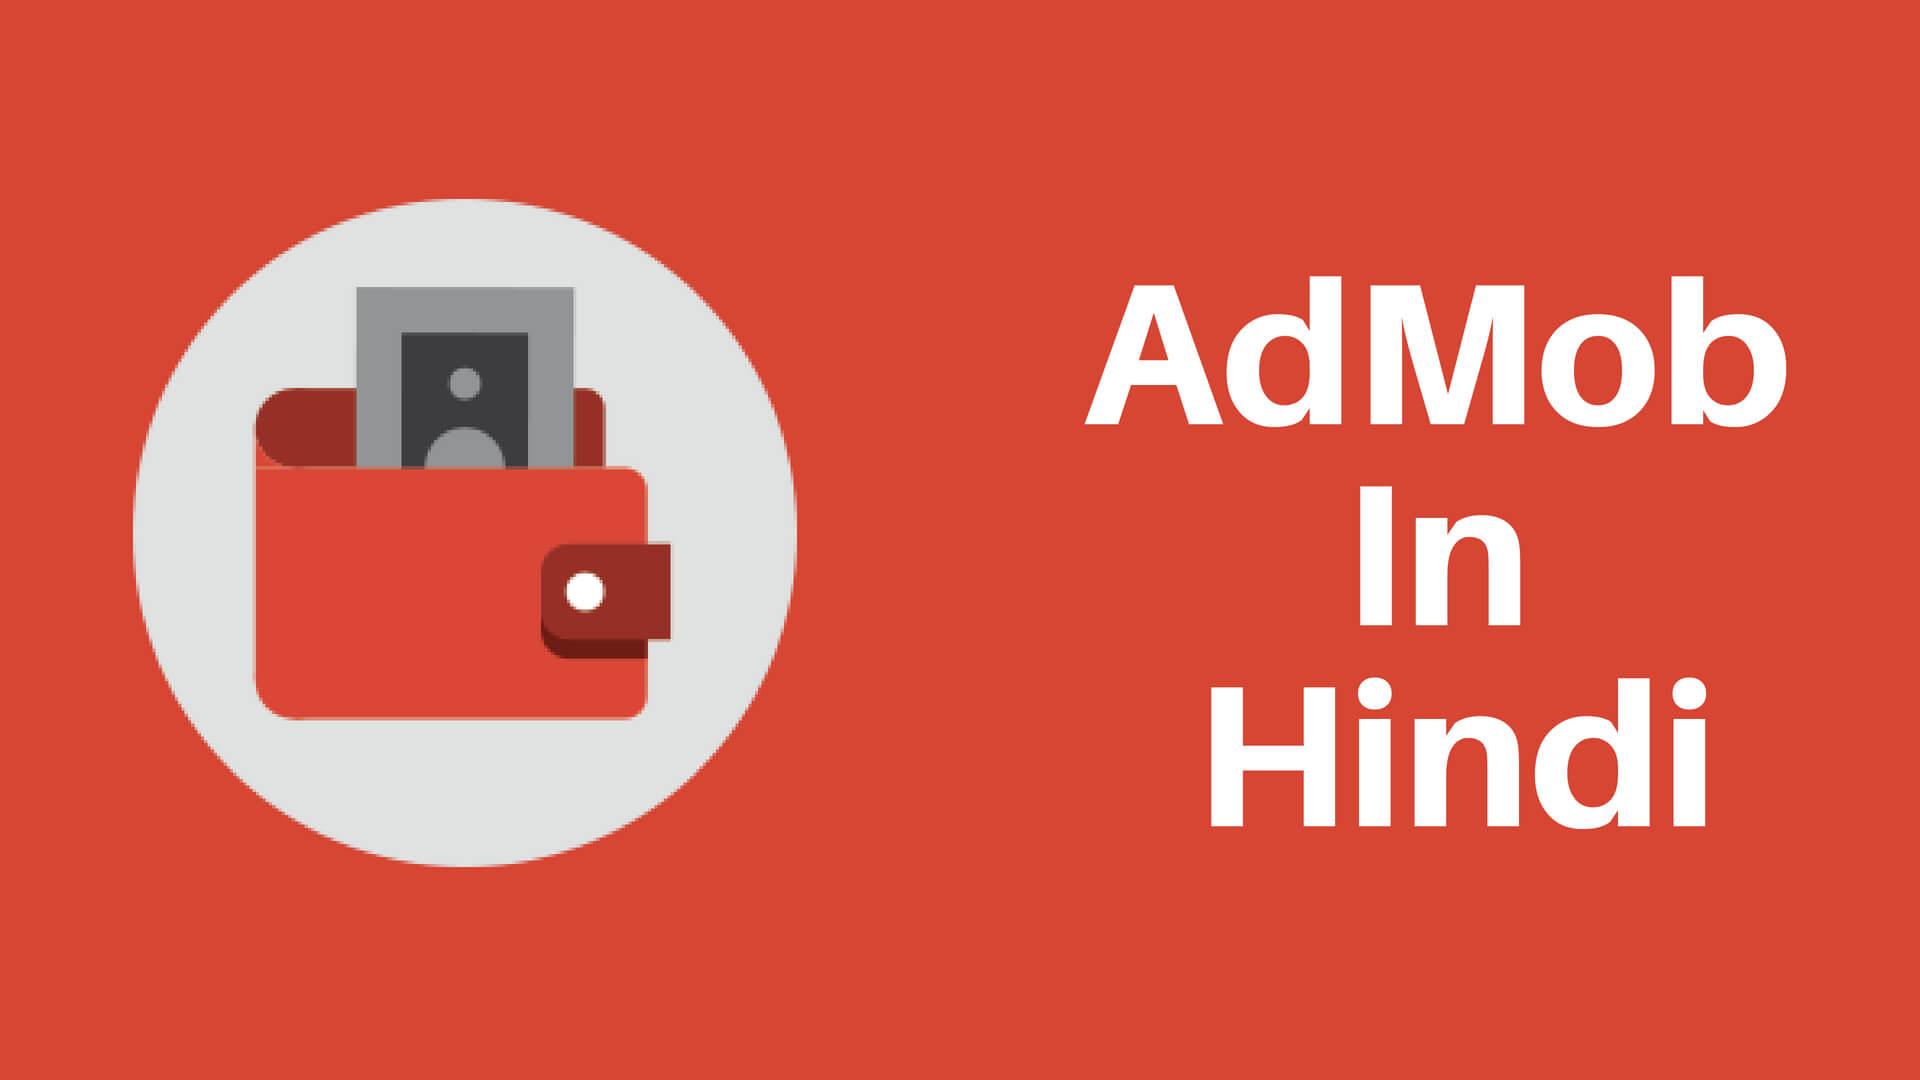 AdMob In Hindi